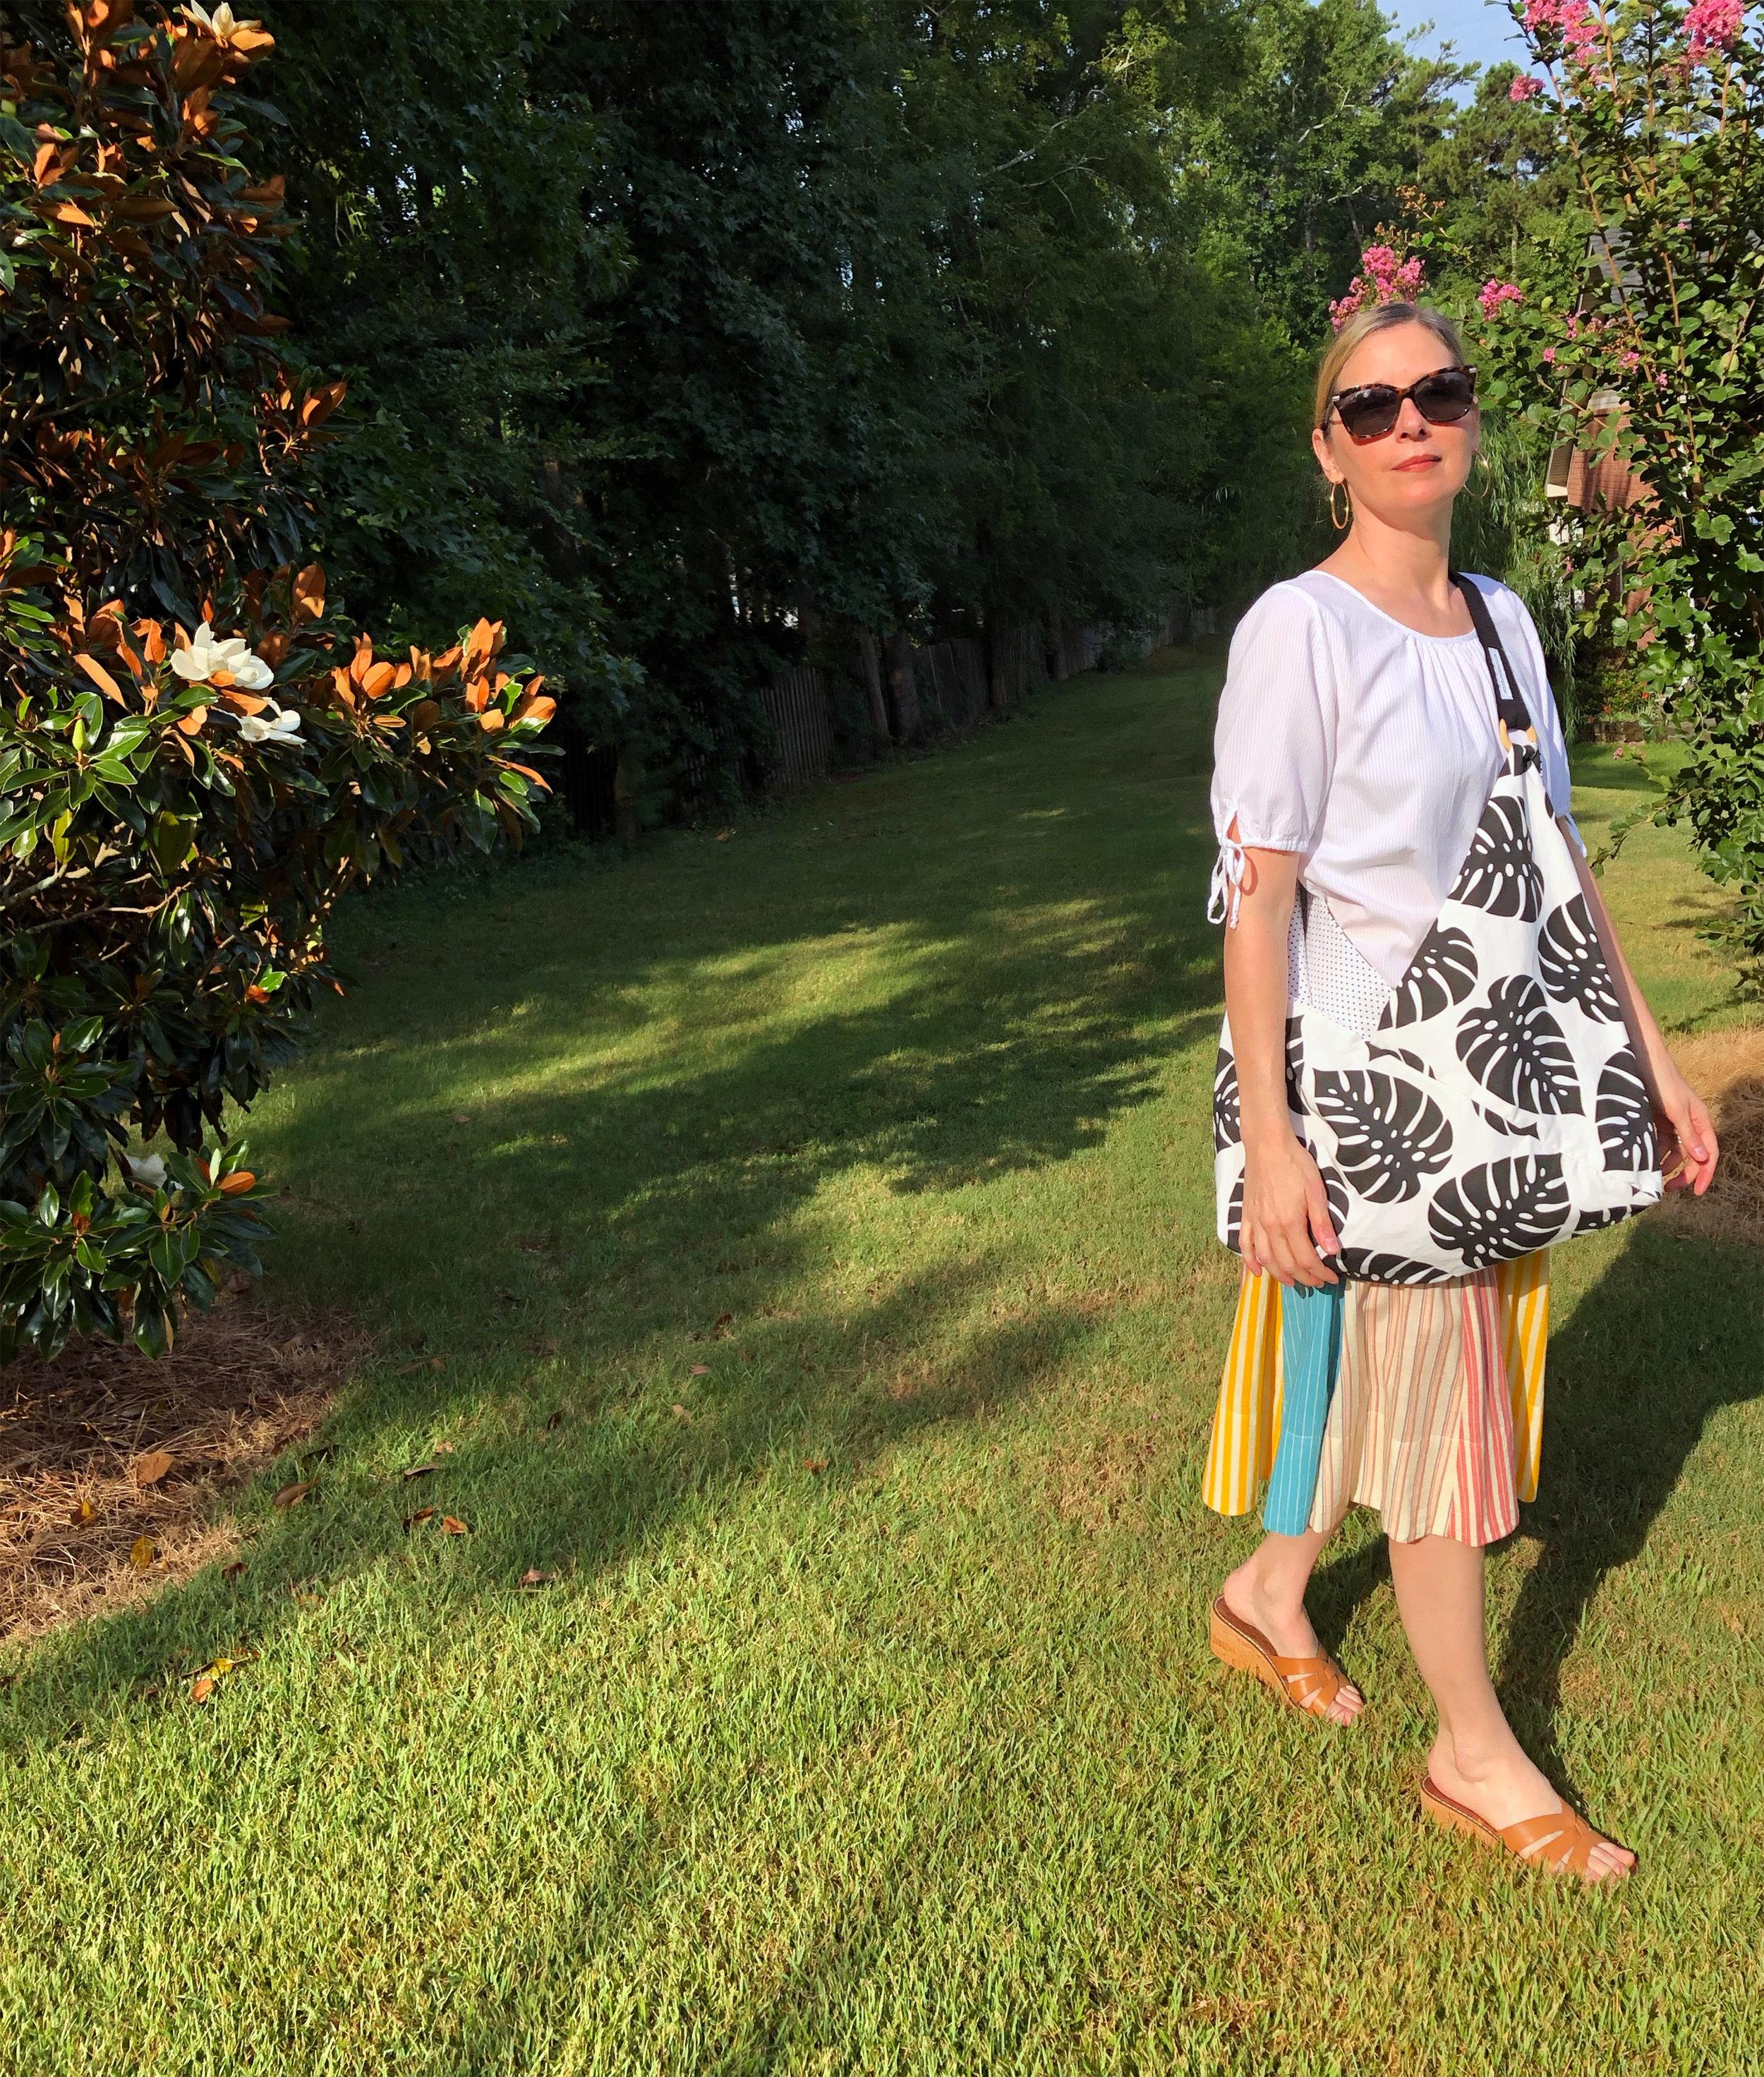 kim with bag 2.jpg